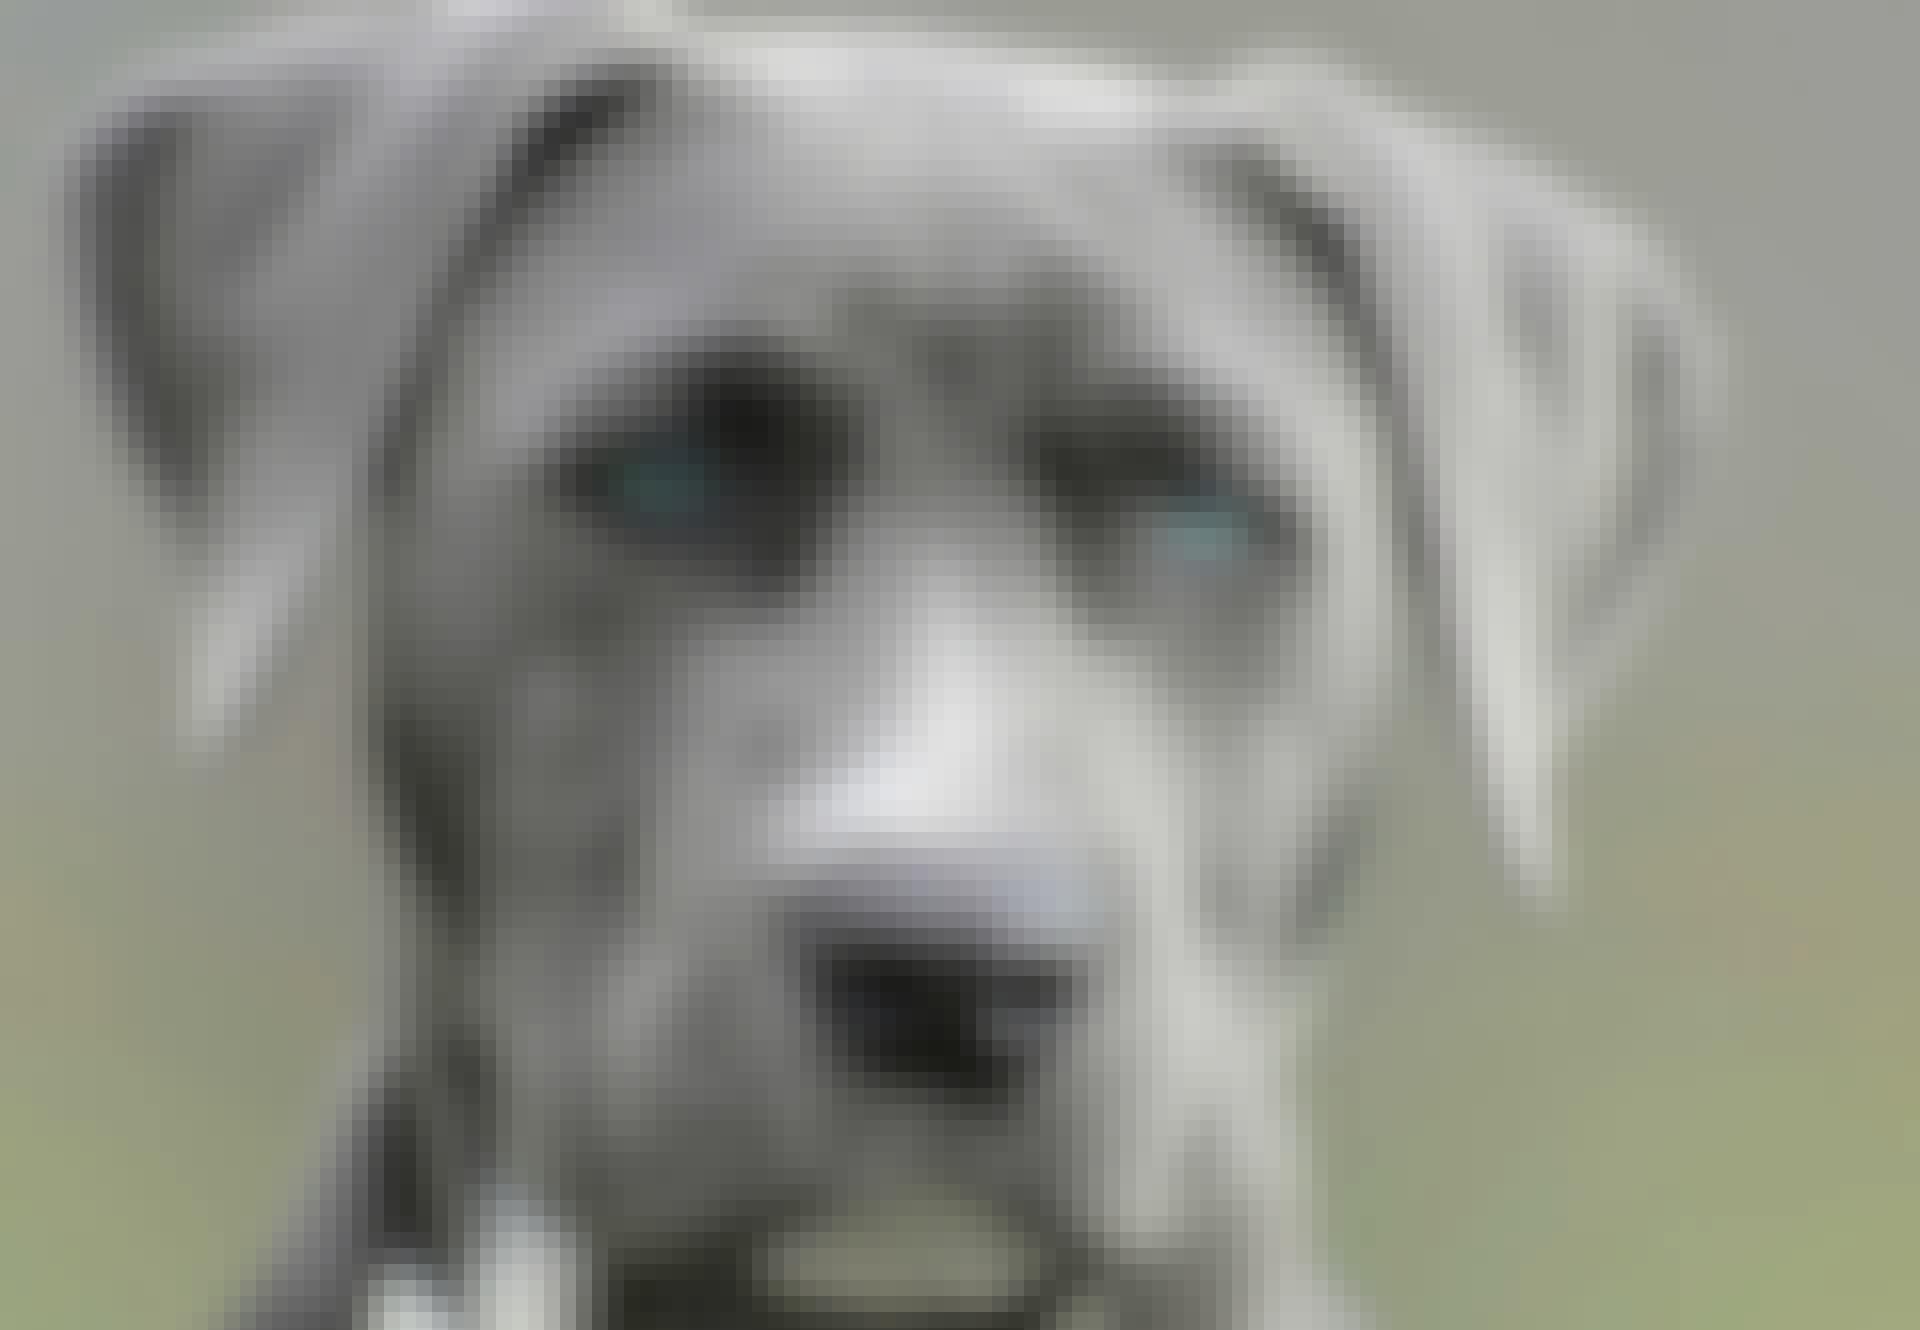 Äkykkäimmät-koirat-tyhmmimät-koirat